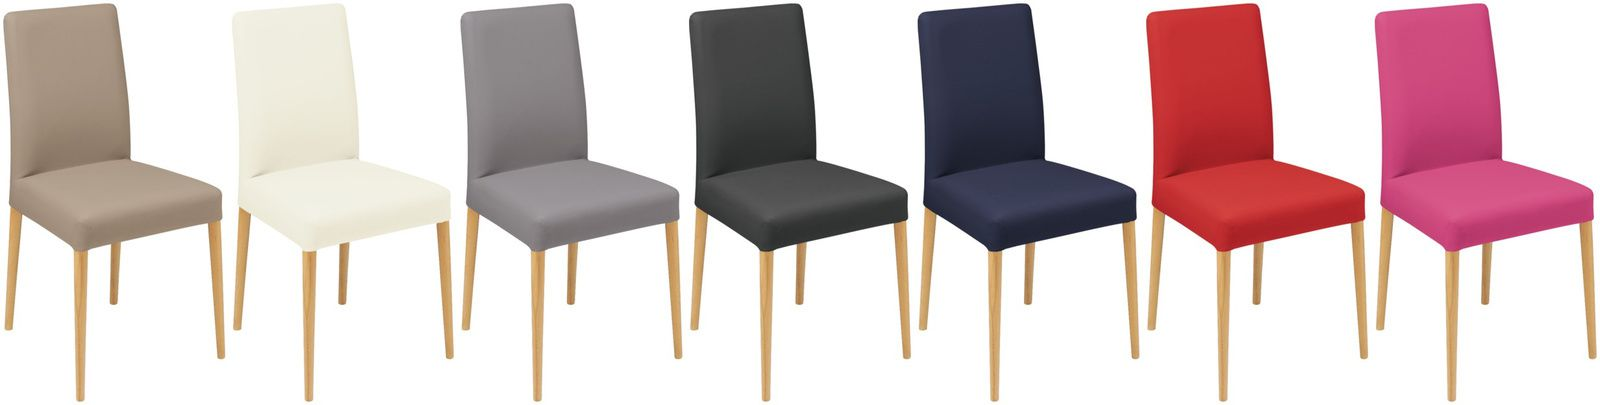 Cherche chaise scandinave pieds bois et assise tissu déhoussable